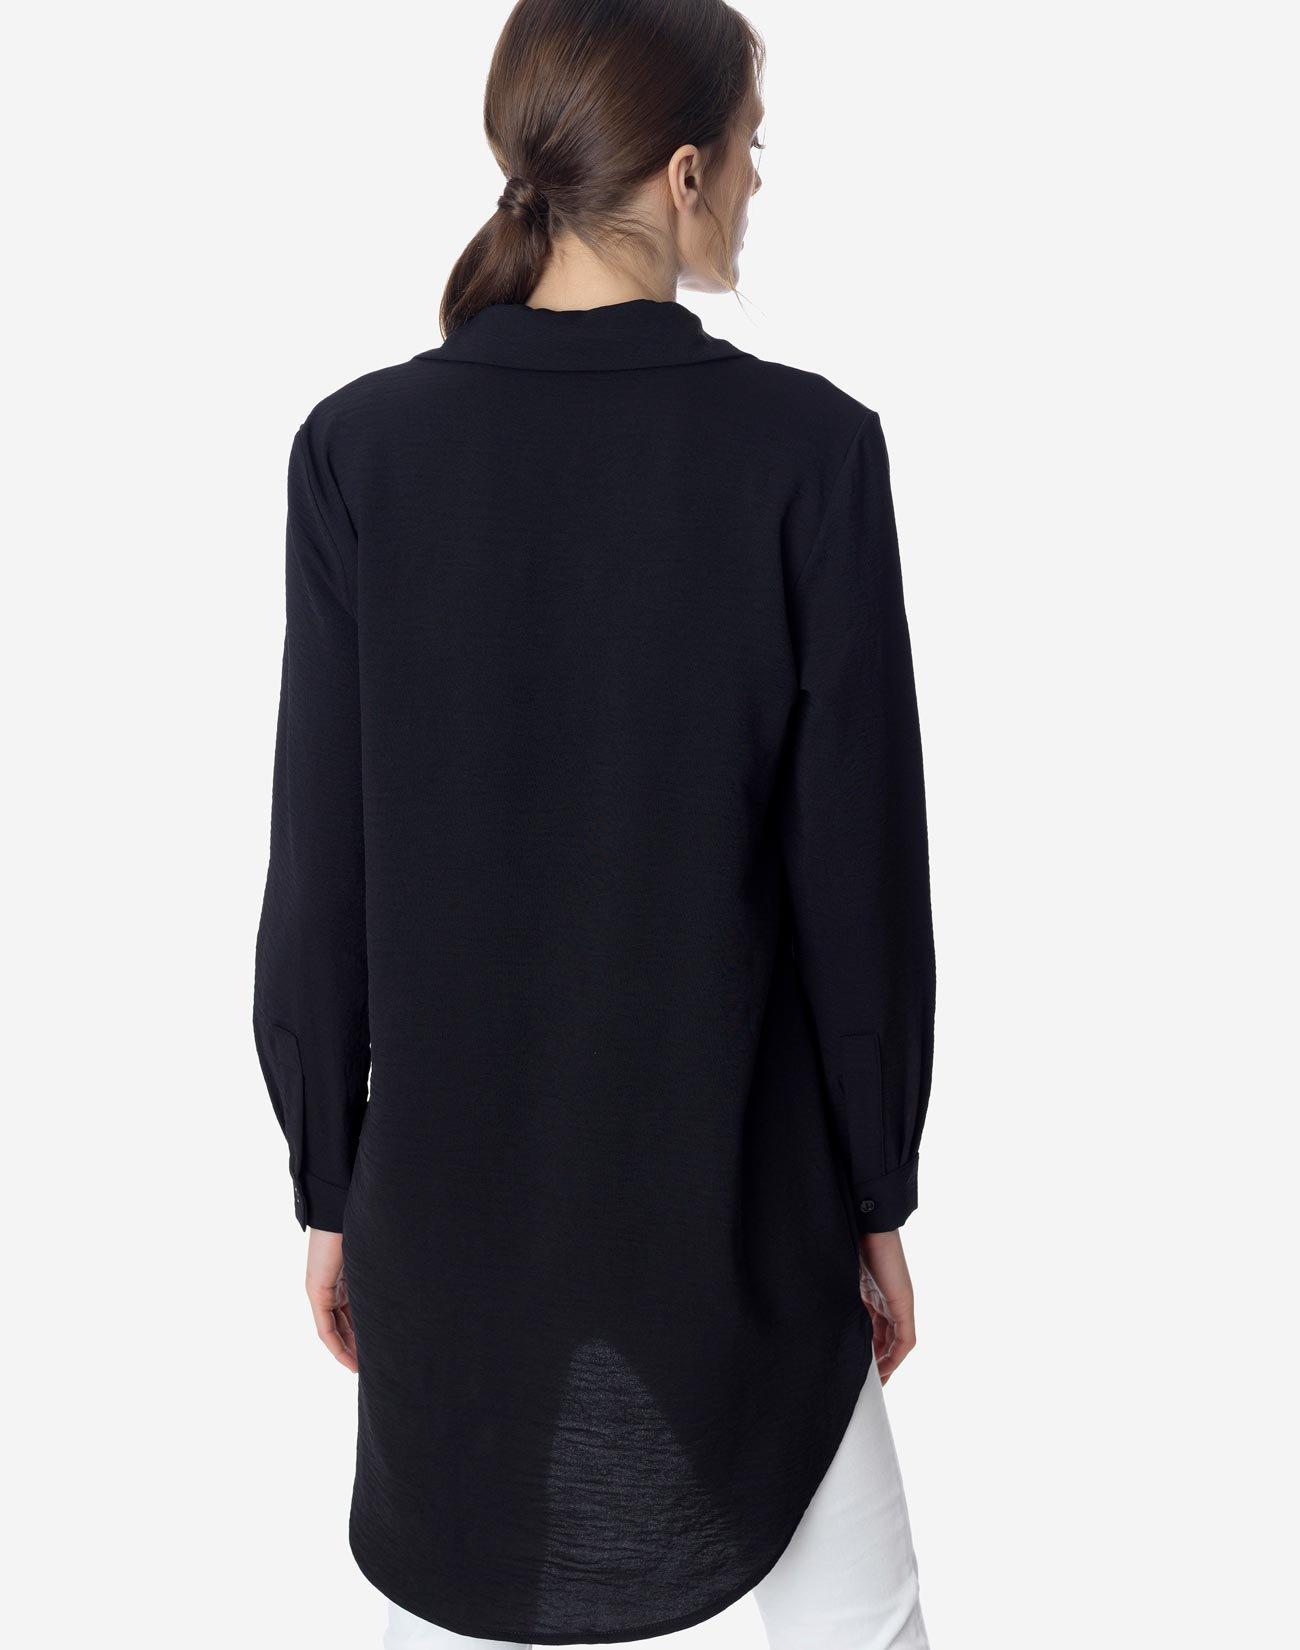 Ασύμμετρο πουκάμισο με τσέπες